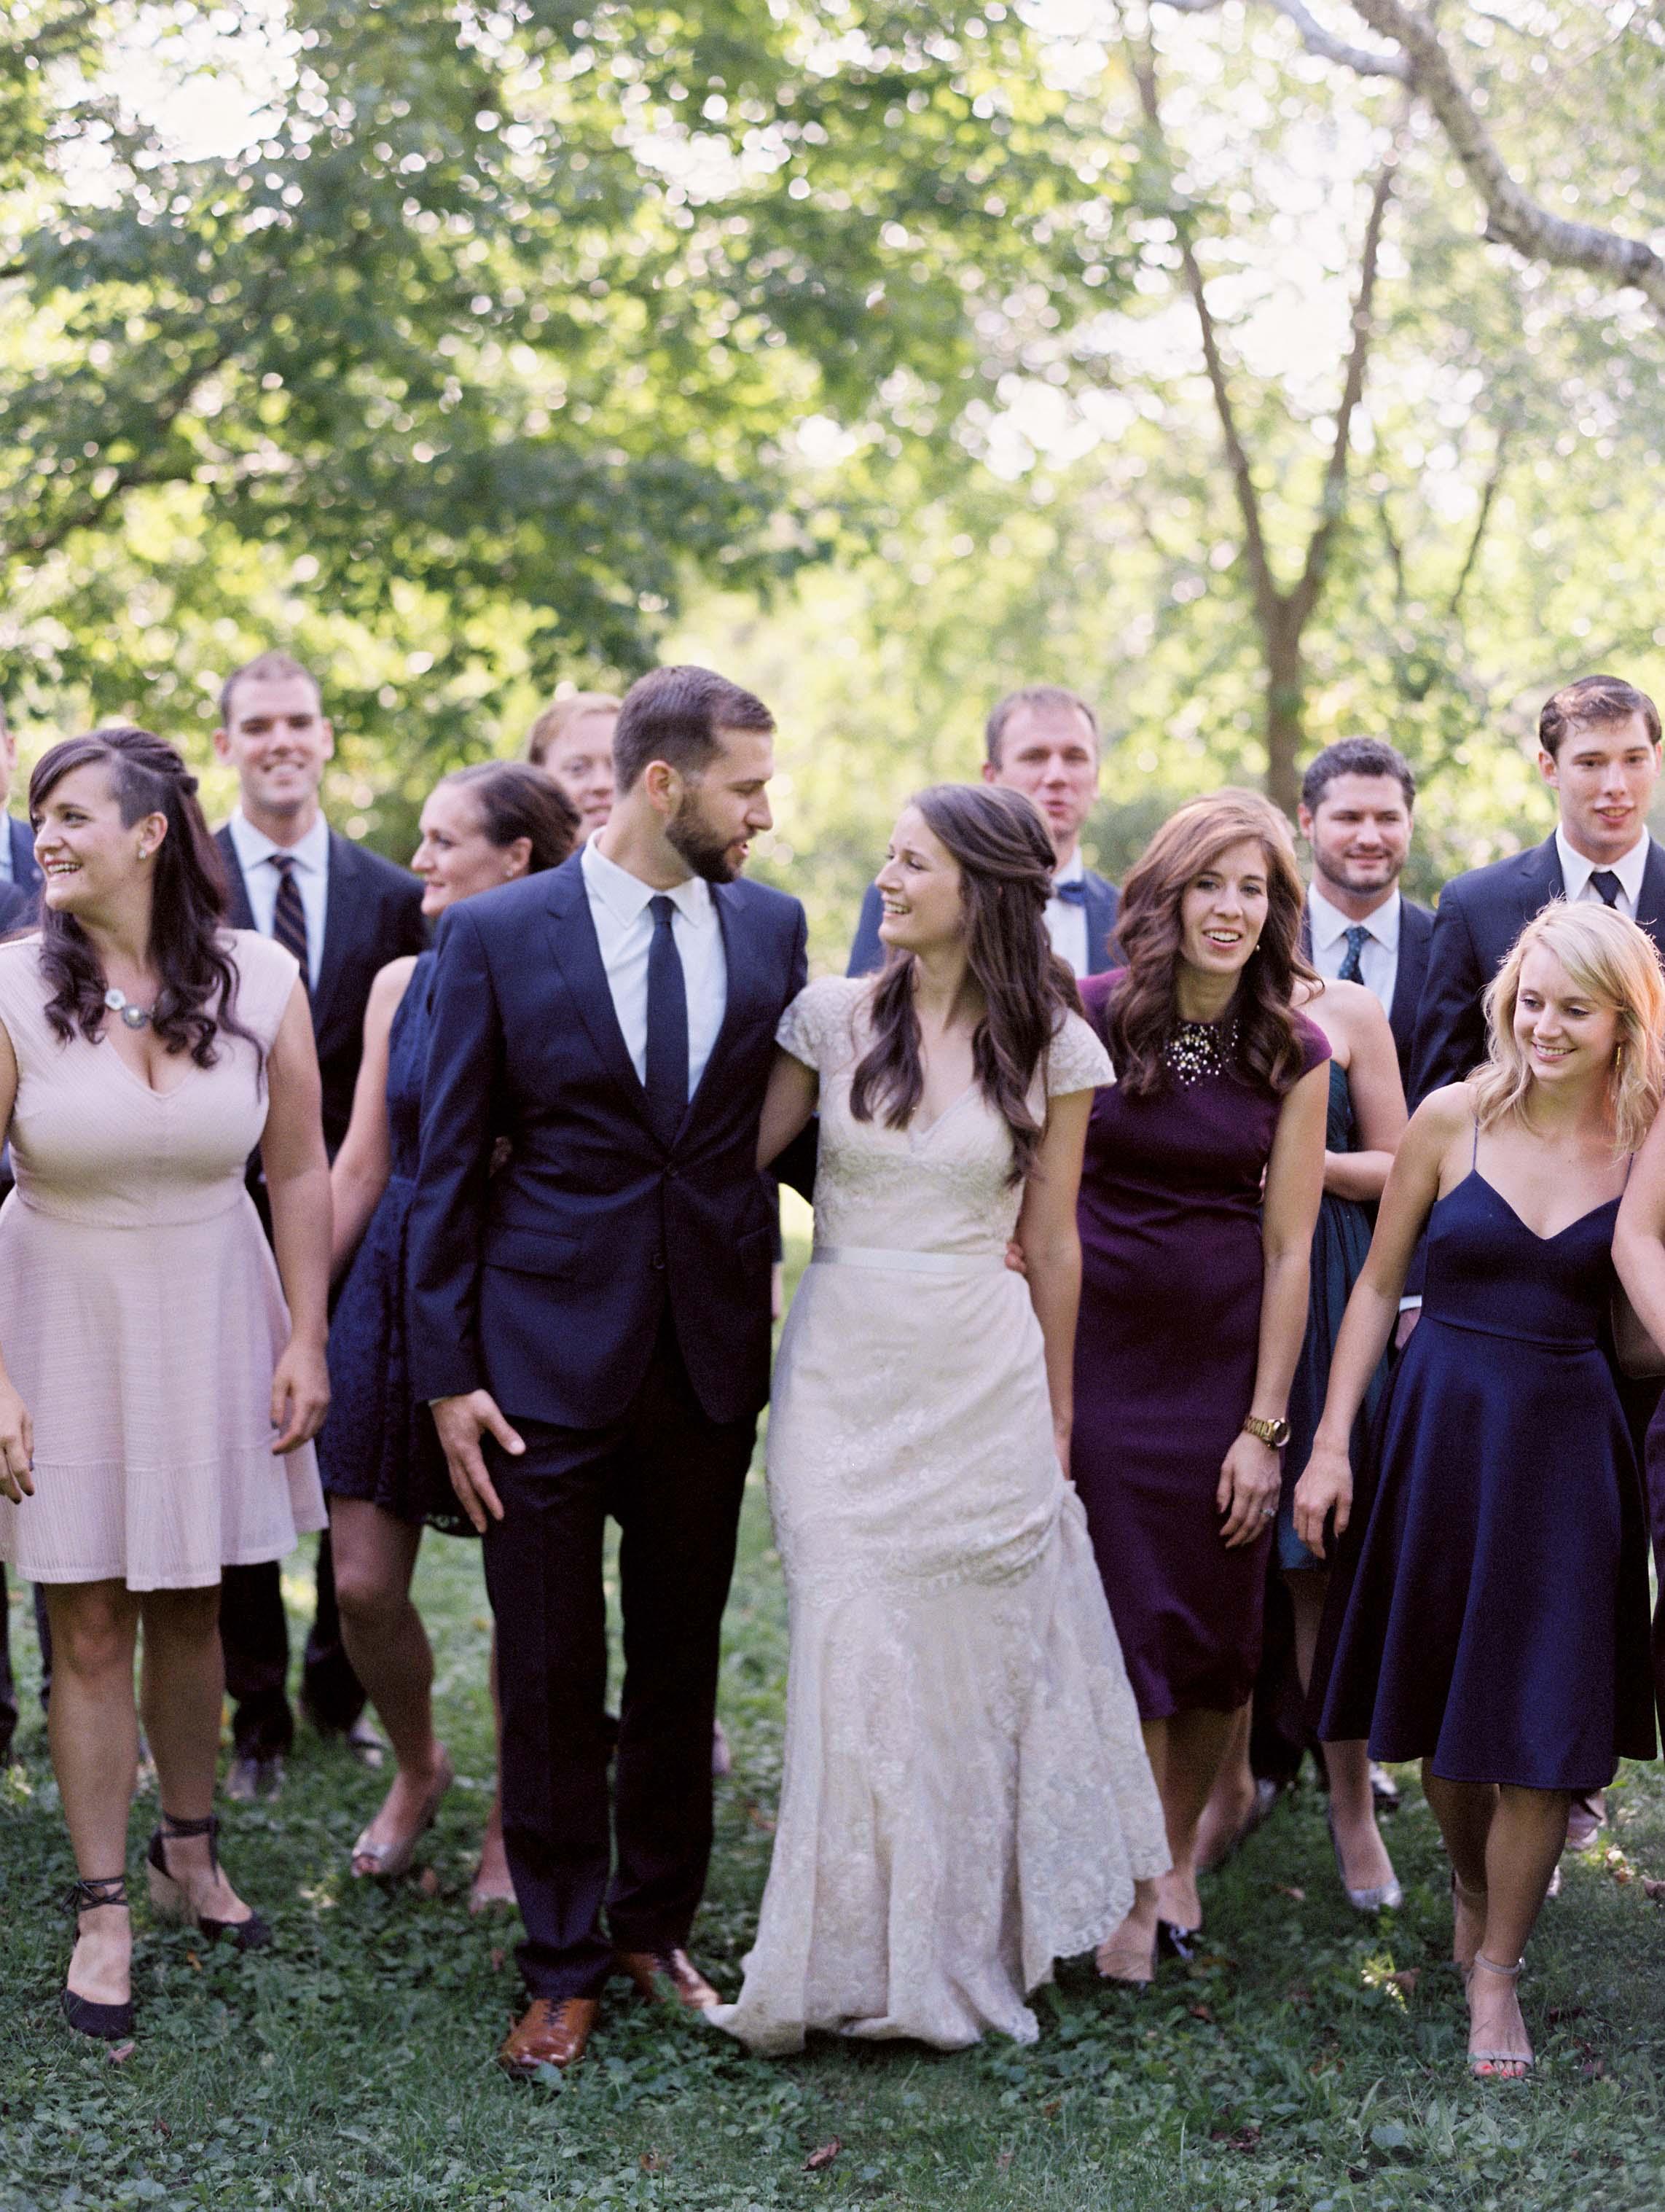 kateweinsteinphoto_clairewillie_wedding-243.jpg